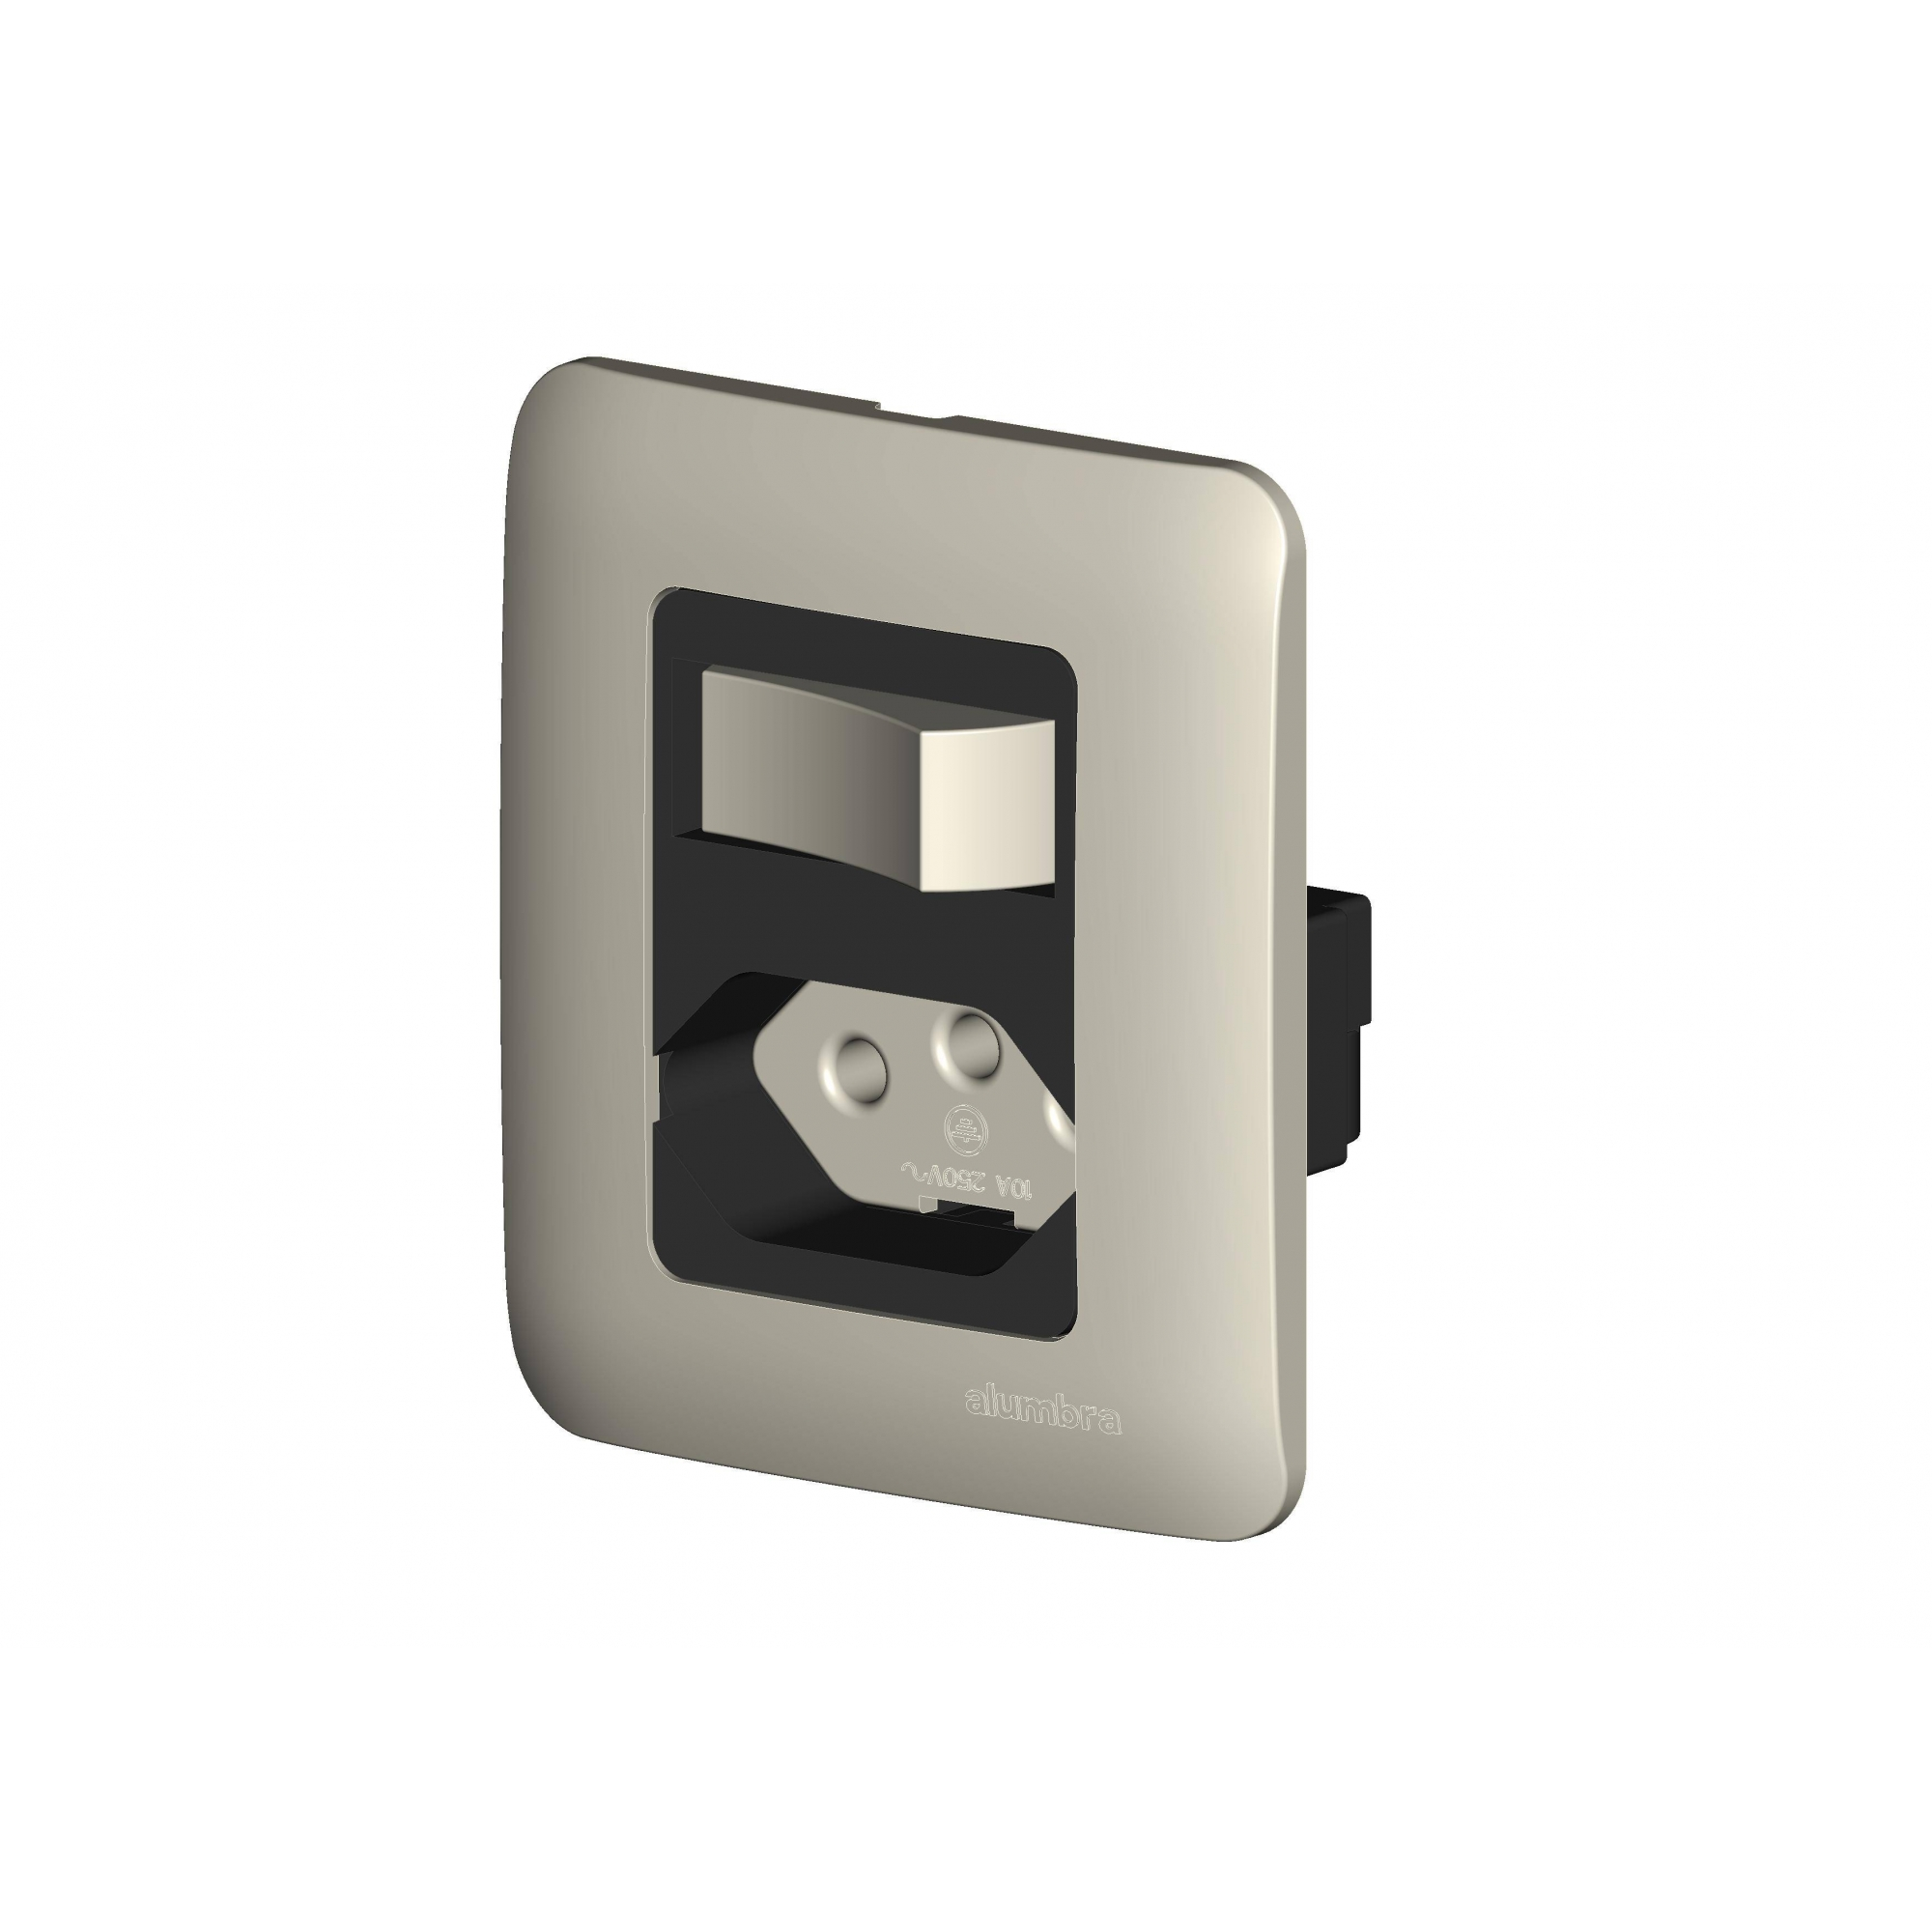 Conjunto De Sobrepor 1 Interruptor Paralelo  Elo +  1 Tomada 2P+T 10A Com  Placa - Branco - Alumbra - Linha A